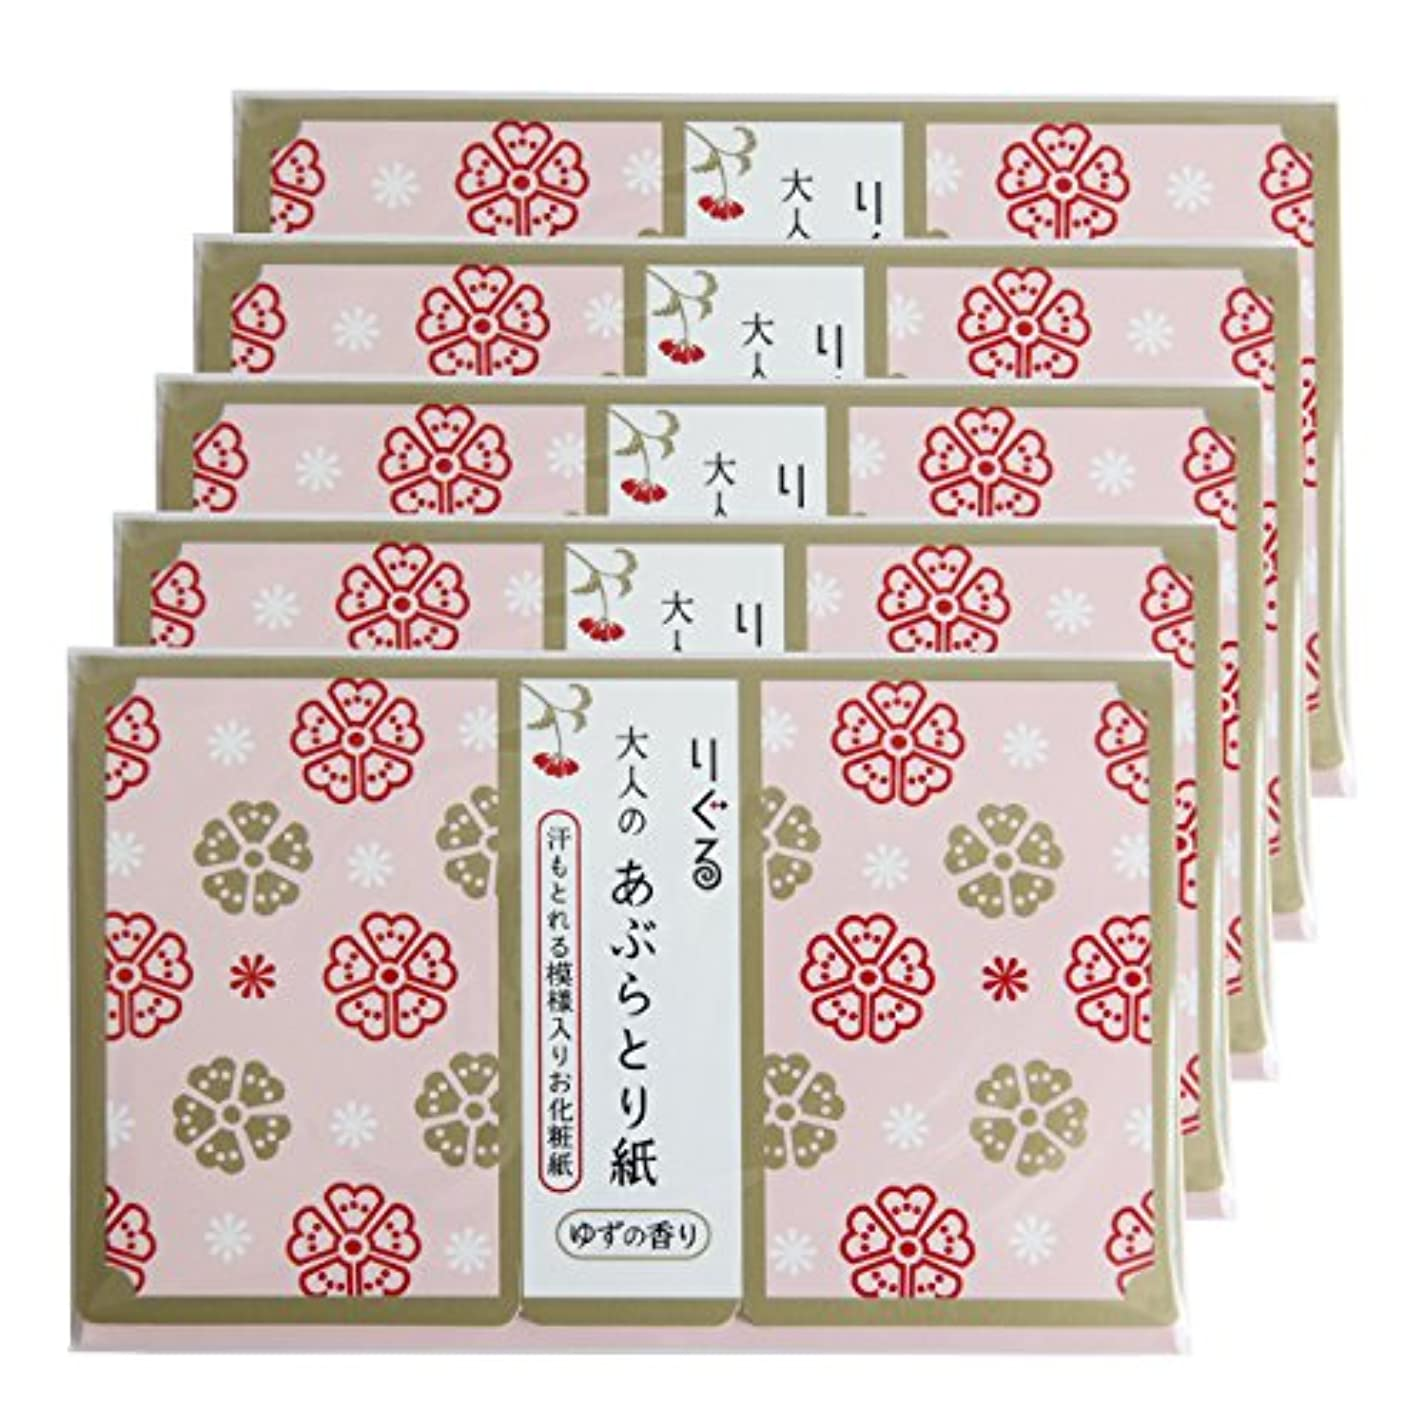 お風呂を持っているシーズンコカインりぐる 大人のあぶらとり紙 使うたびにうれしくなる ちょっと贅沢な高知県産ゆずの香りのあぶらとり紙(30枚入り) (5p)